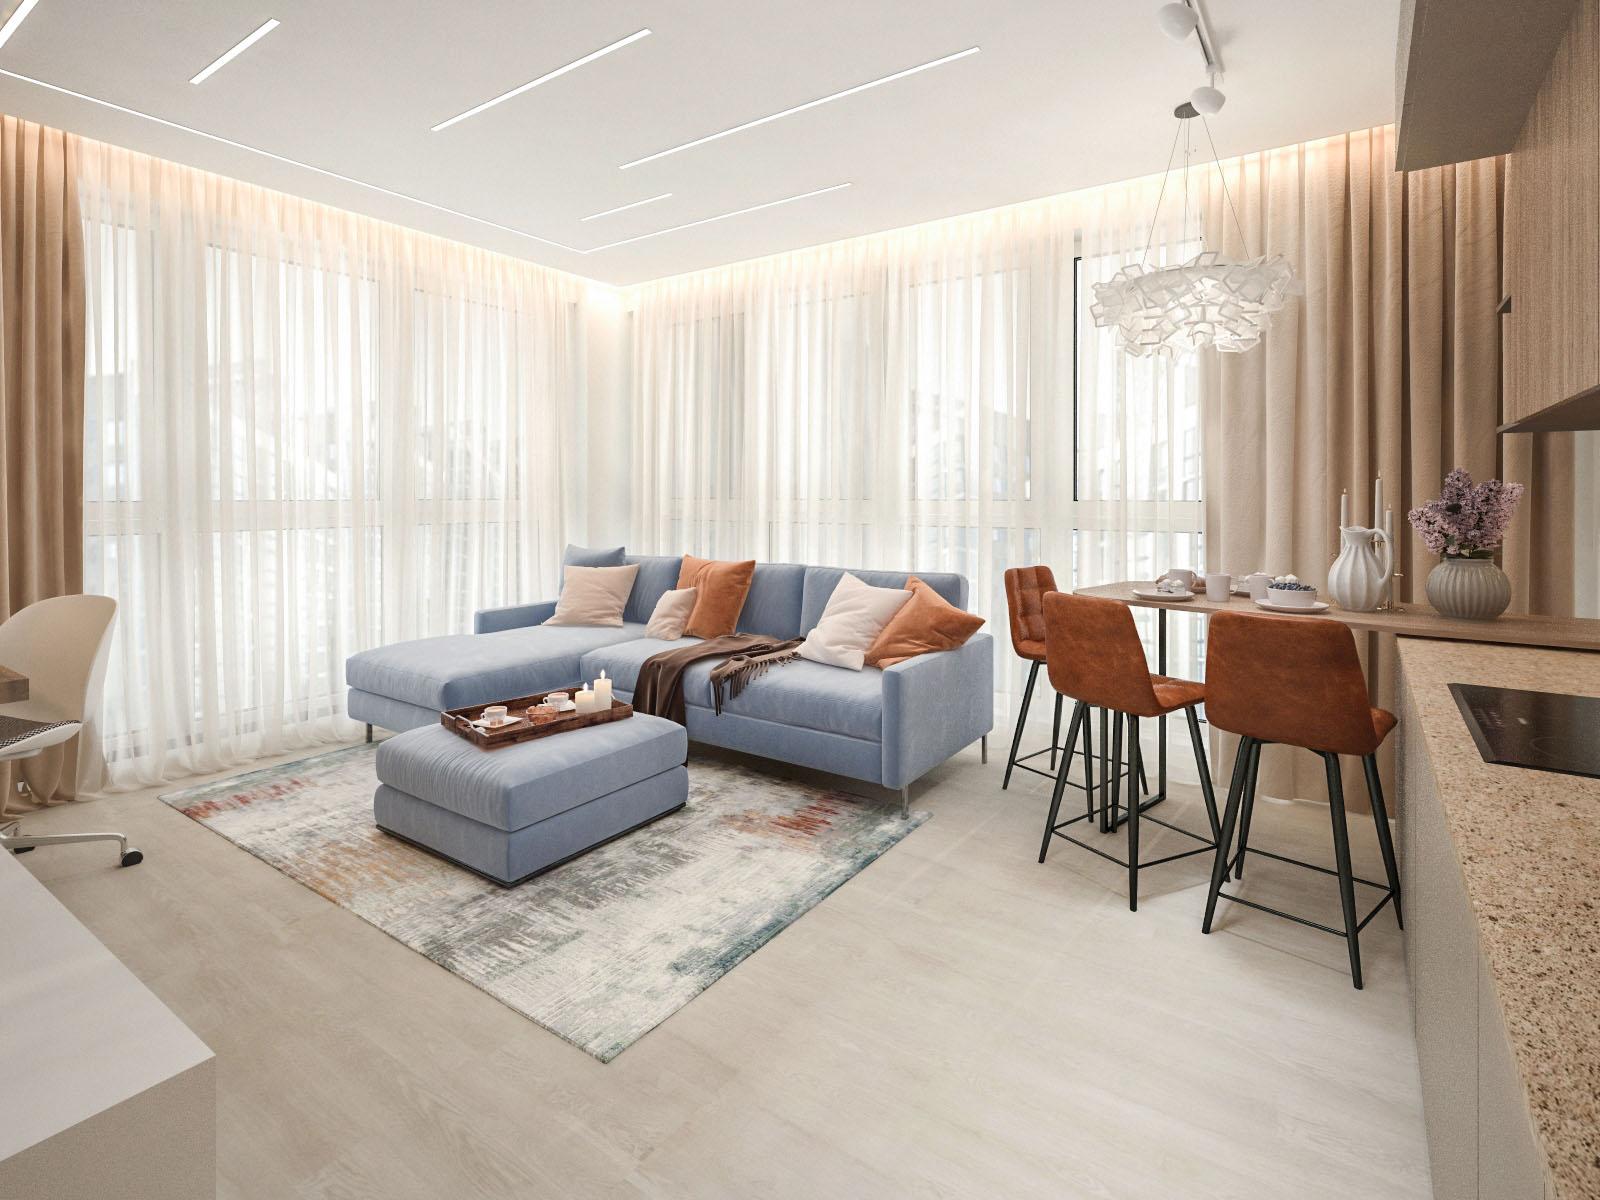 Дизайн интерьера двухкомнатной квартиры в доме Сочи ЖК Минск Мир